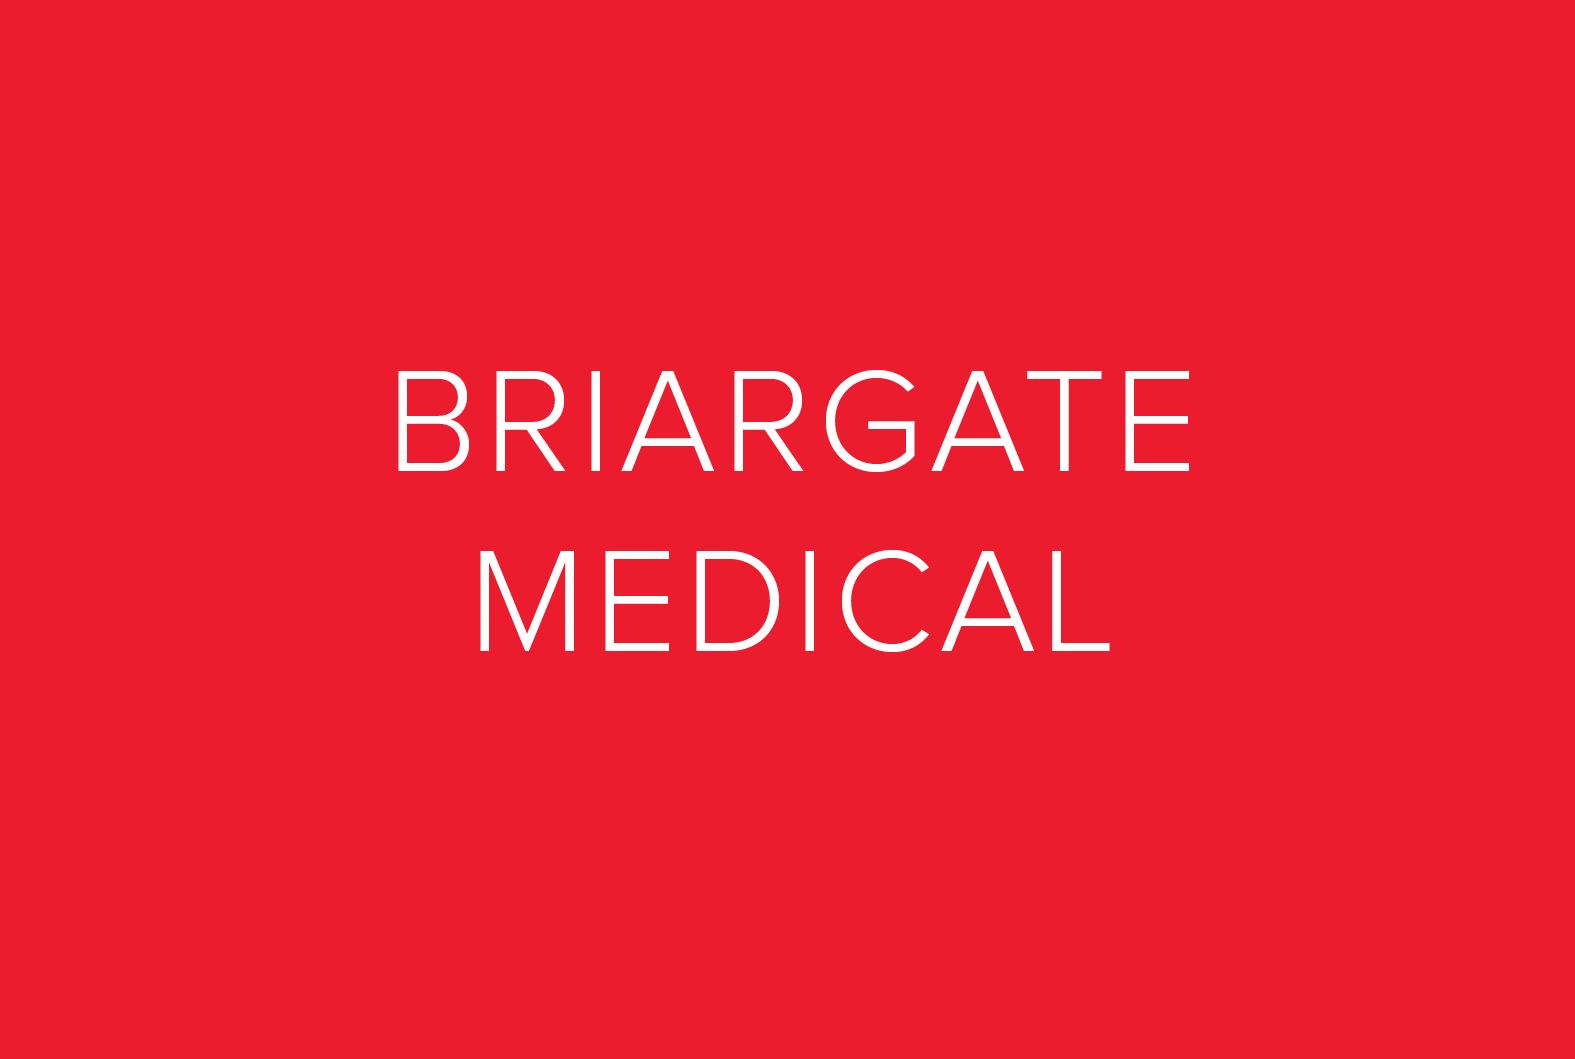 briargate medical.png